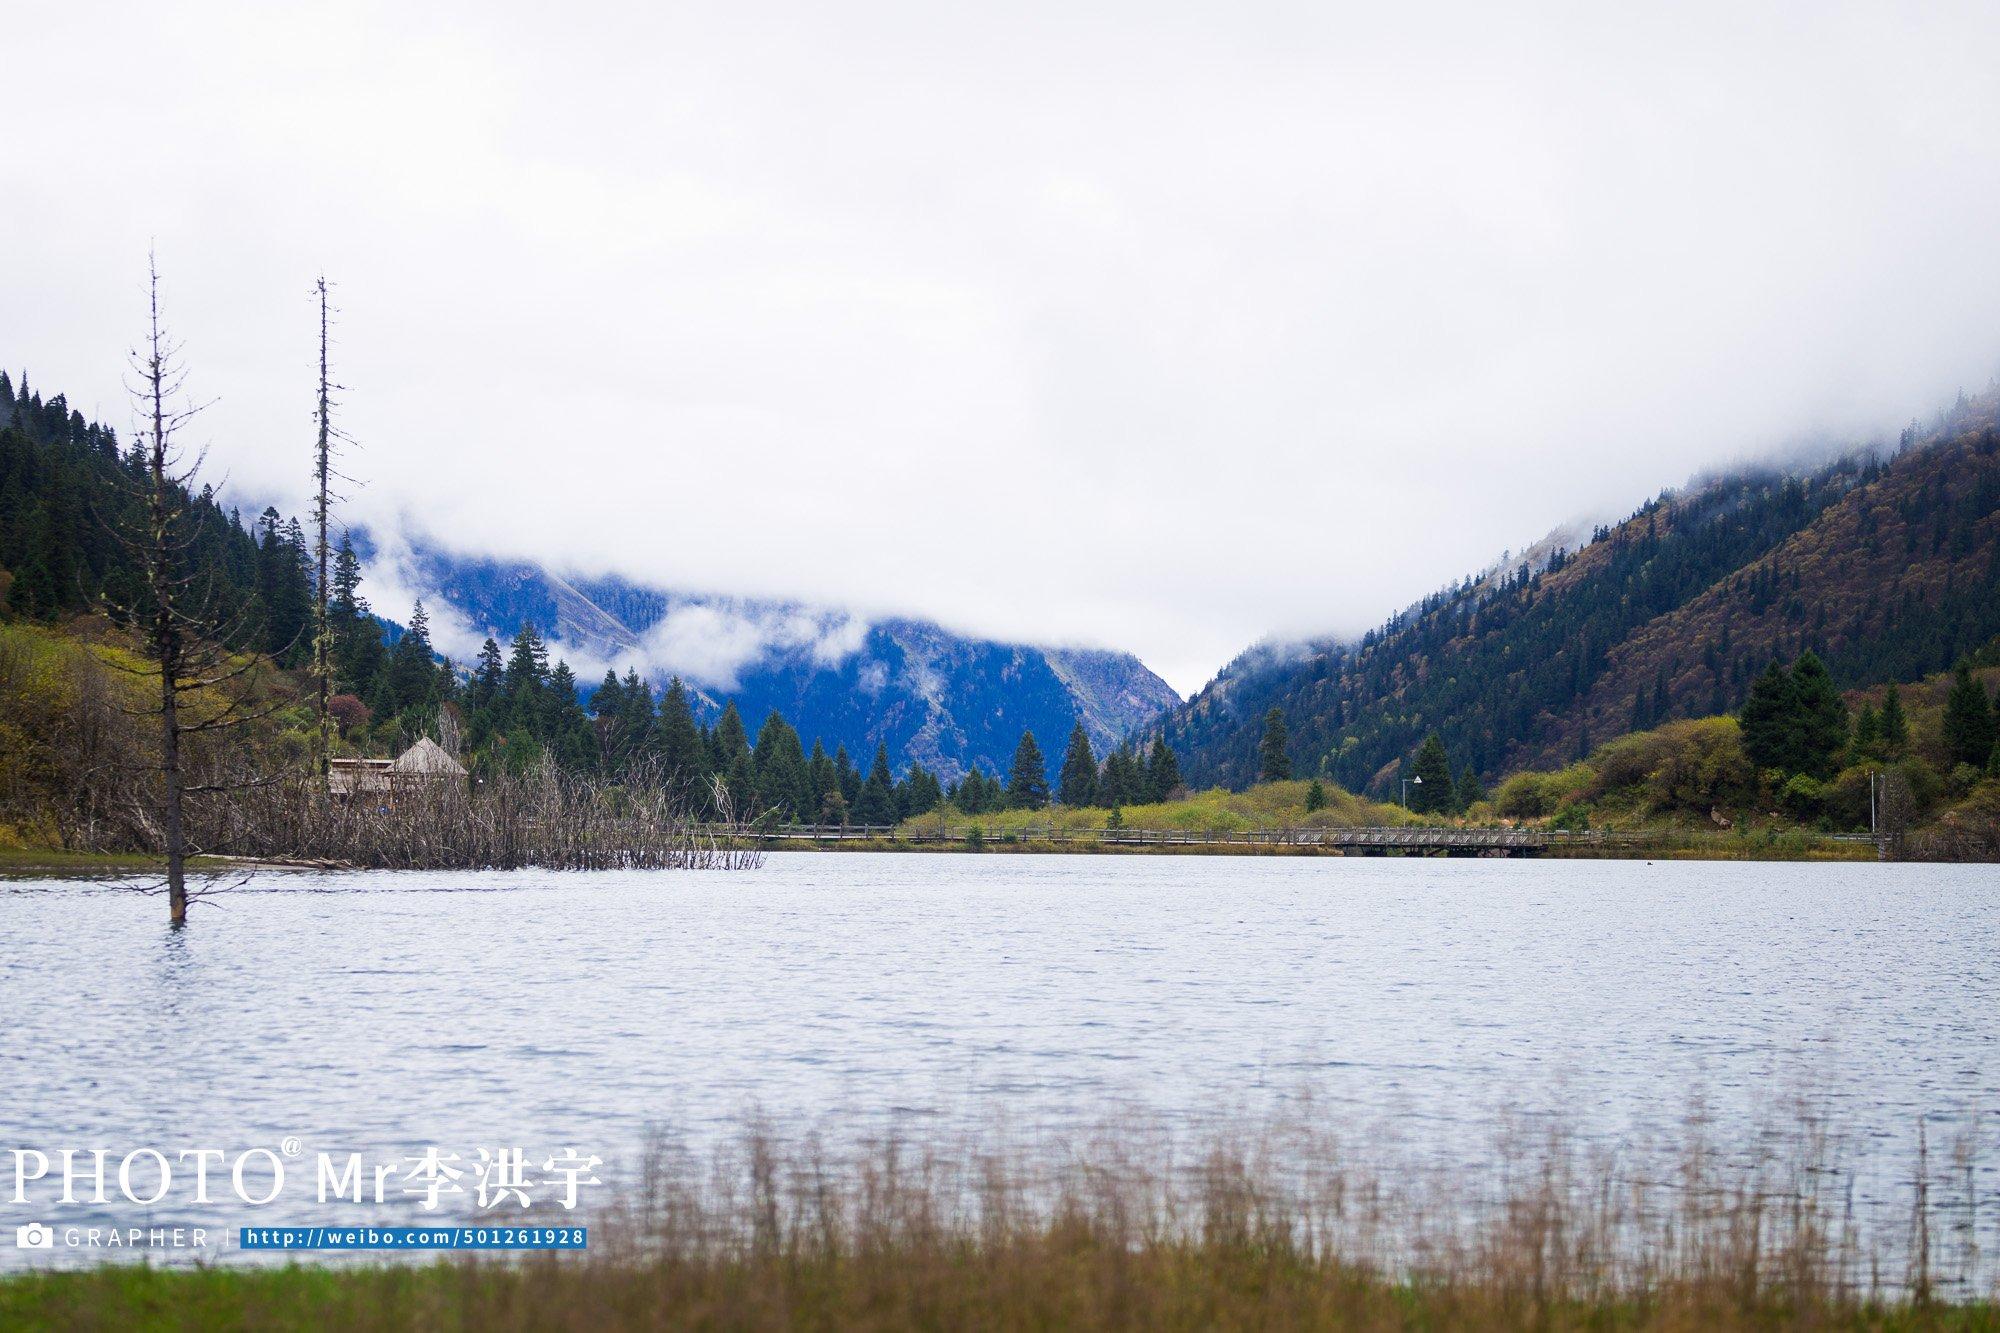 2019达古公园冰山攻略游玩景点,沿途的自然风南昌5a攻略地质图片